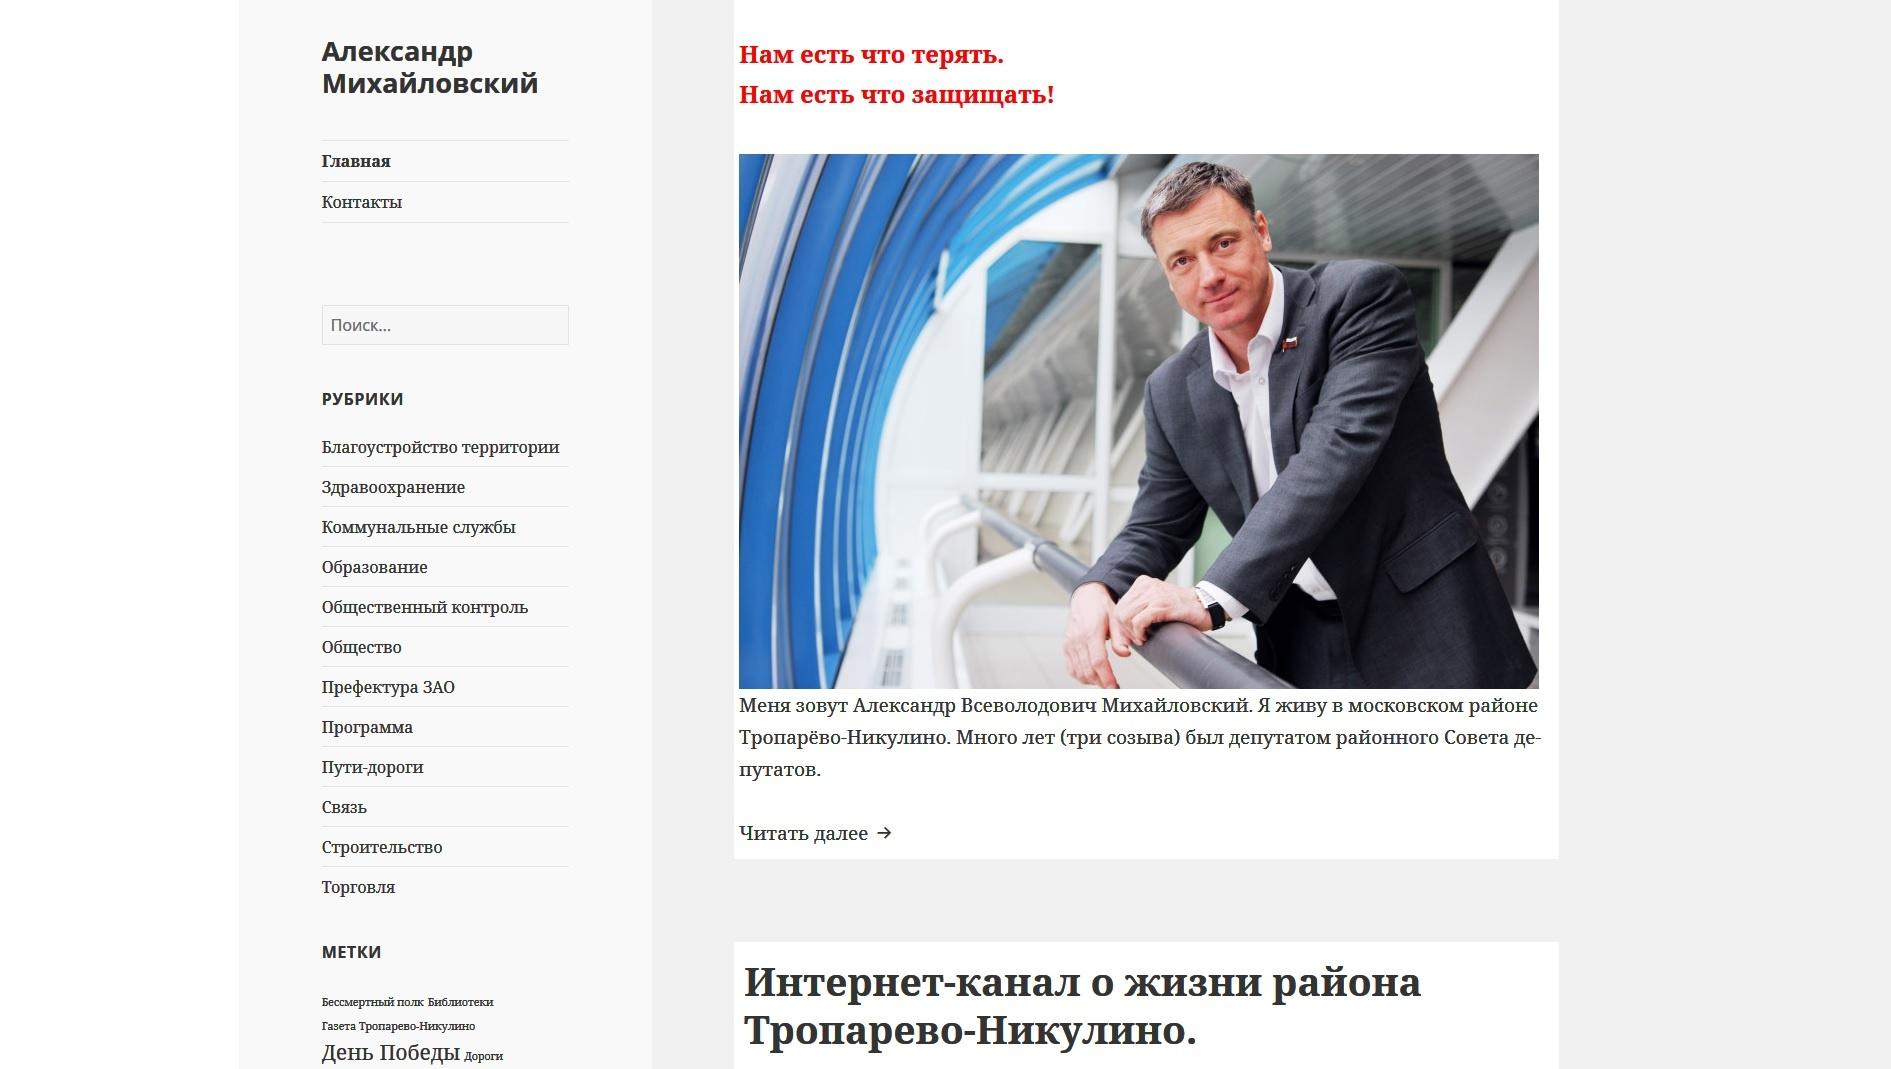 Сайт Михайловского